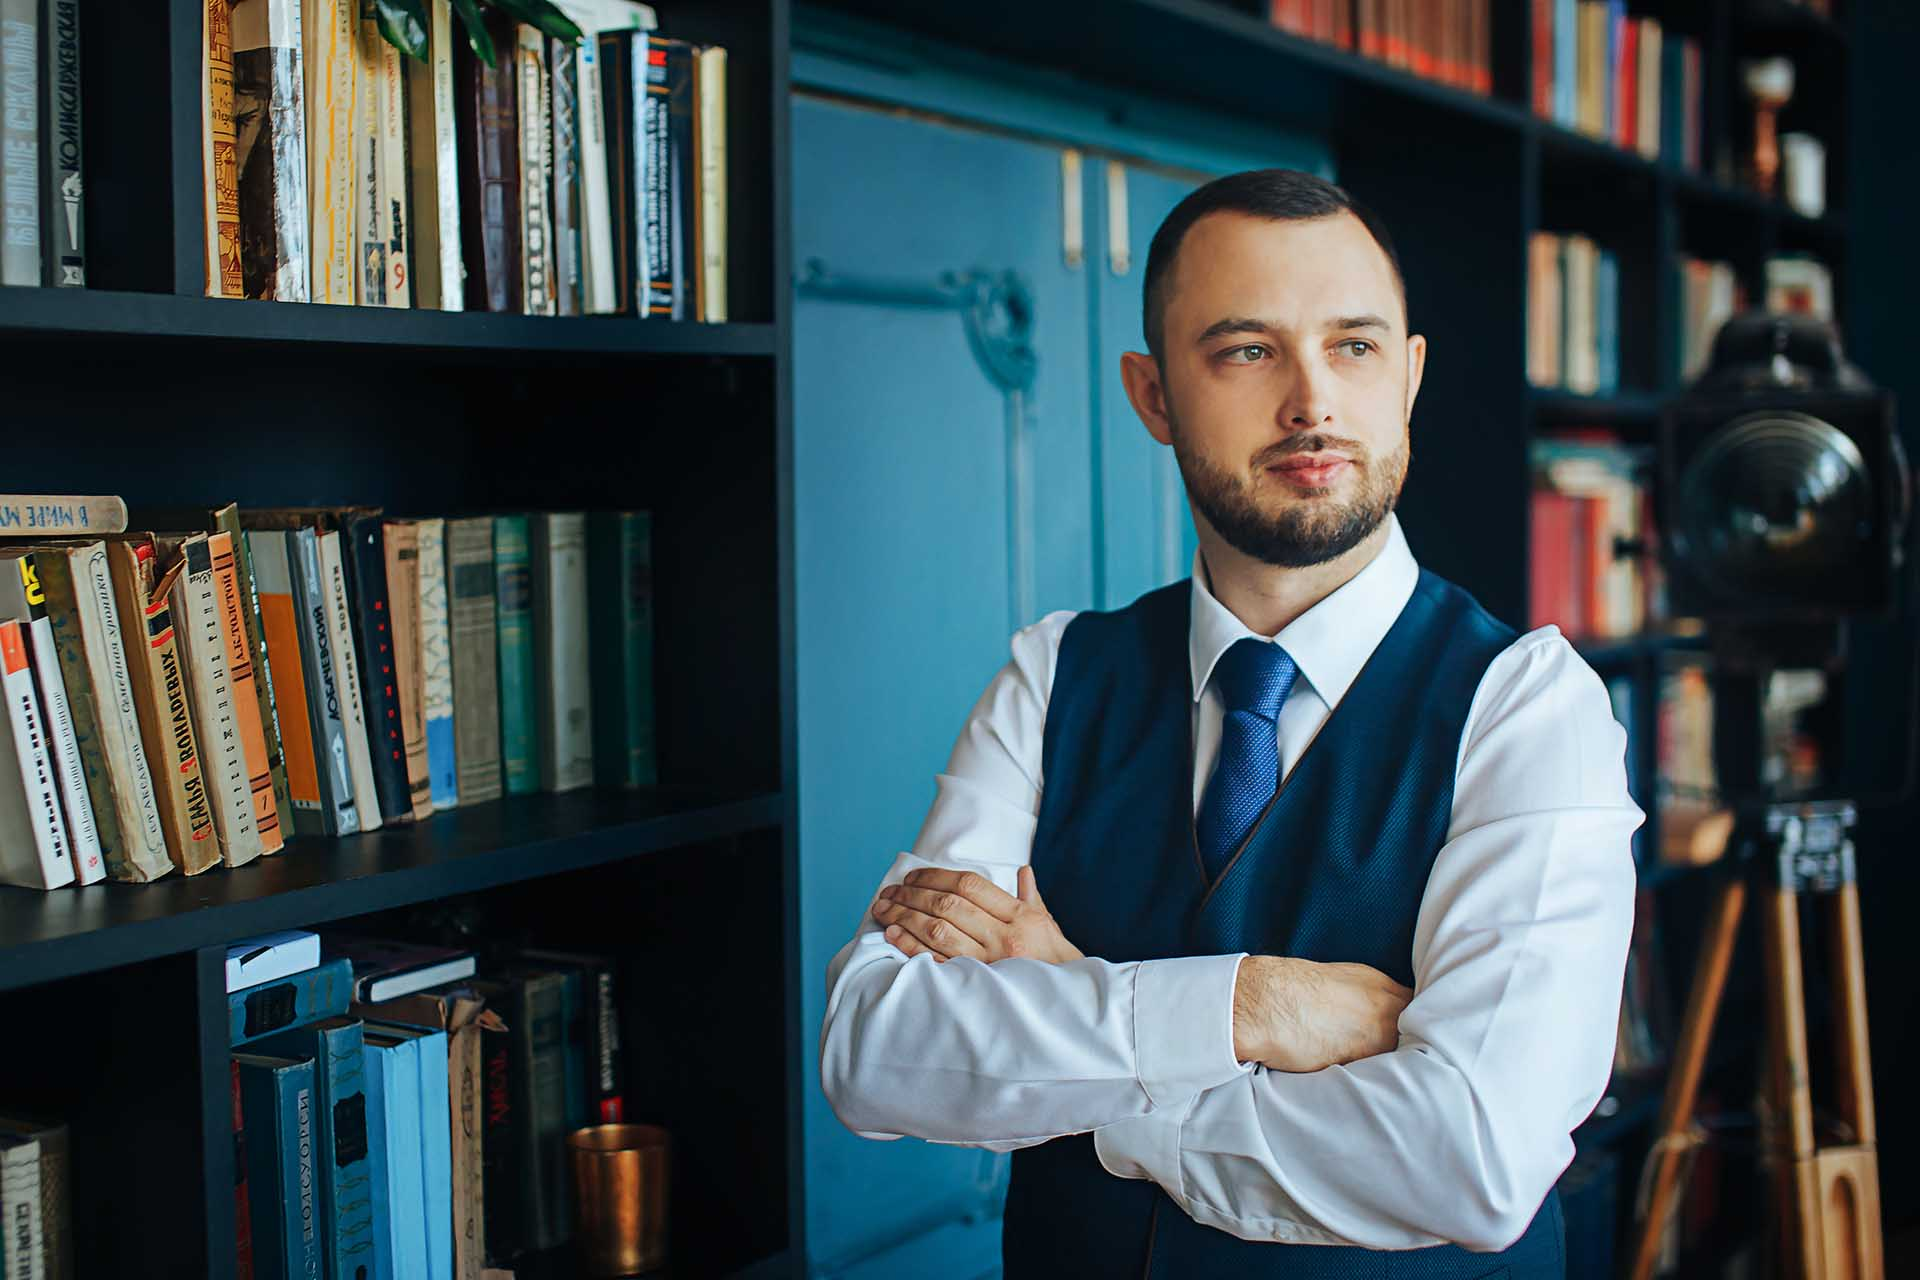 Андрей Саунин, адвокат с 15-ти летним практическим опытом защиты интересов предпринимателей